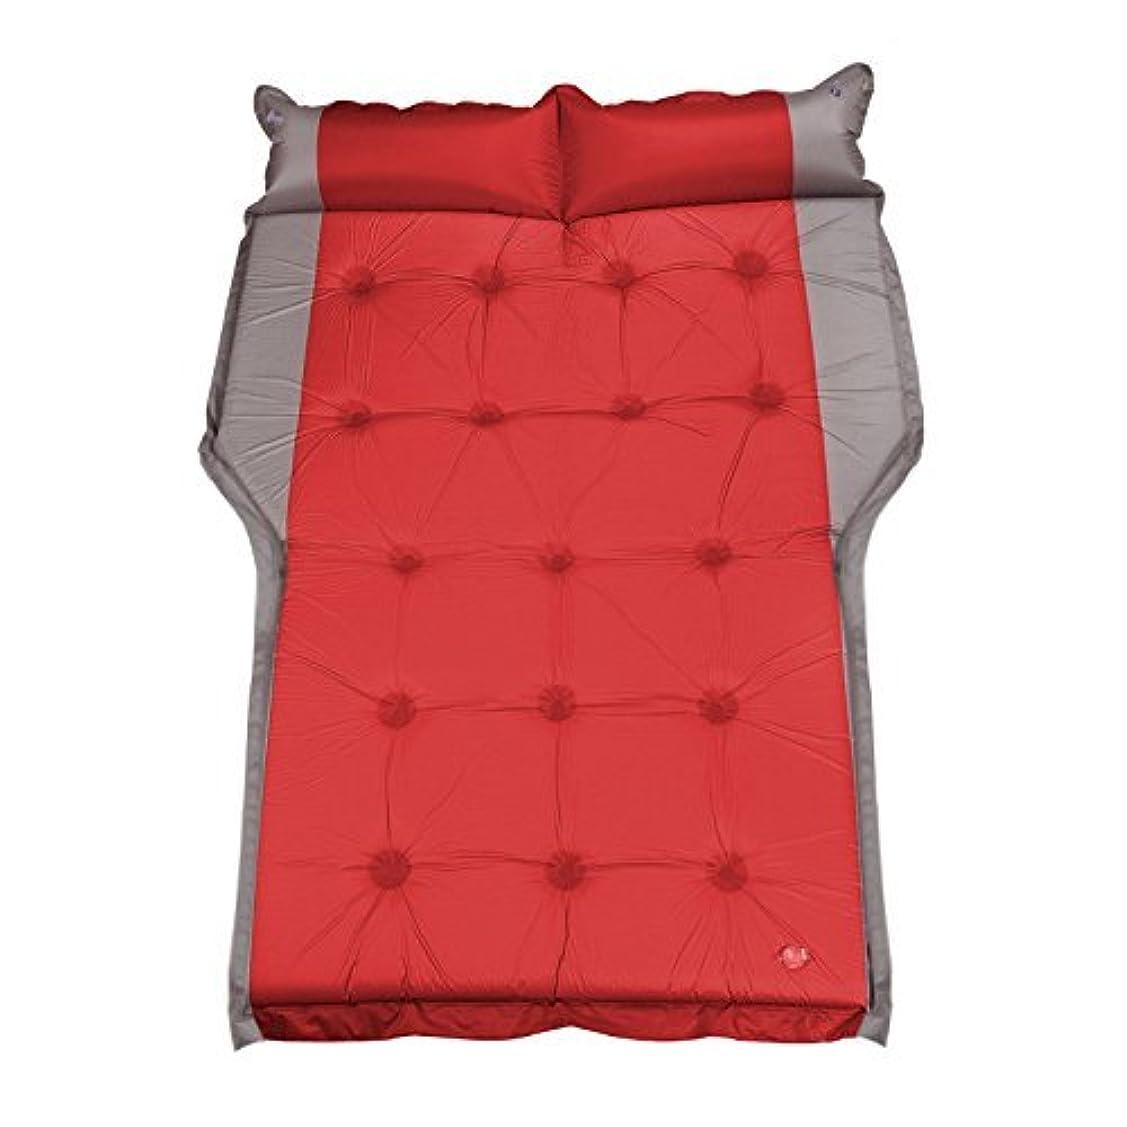 早める好きであるコントロール自動インフレータブルベッドsuv折り畳まれたポータブル屋外昼寝旅行ベッドレジャースリーピングマットバケーションカーマットキャンプ防湿パッドカー用品